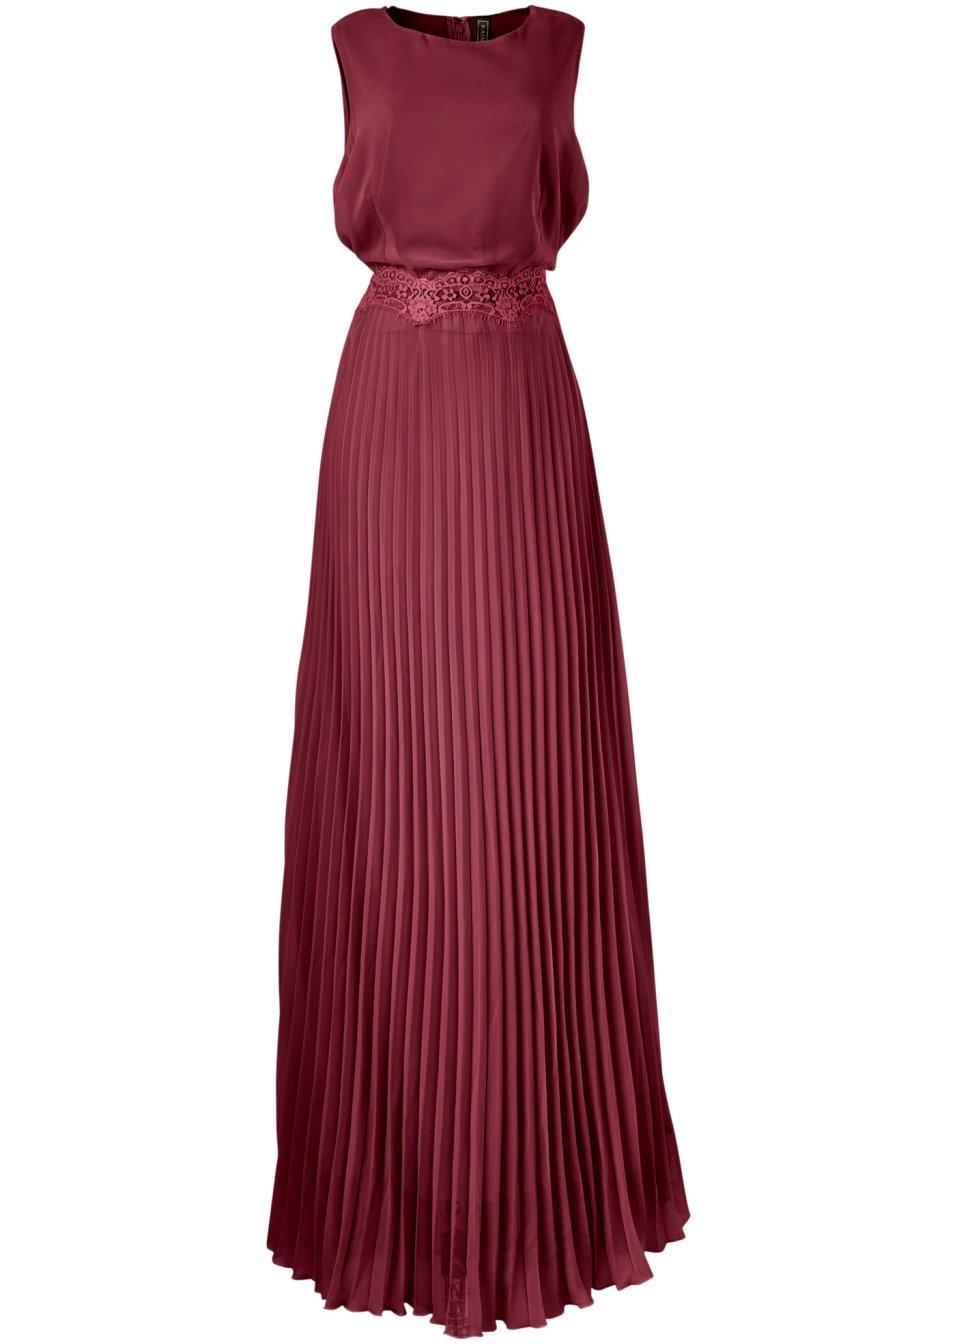 Bezauberndes Kleid mit Spitzenverzierung in der Taille und